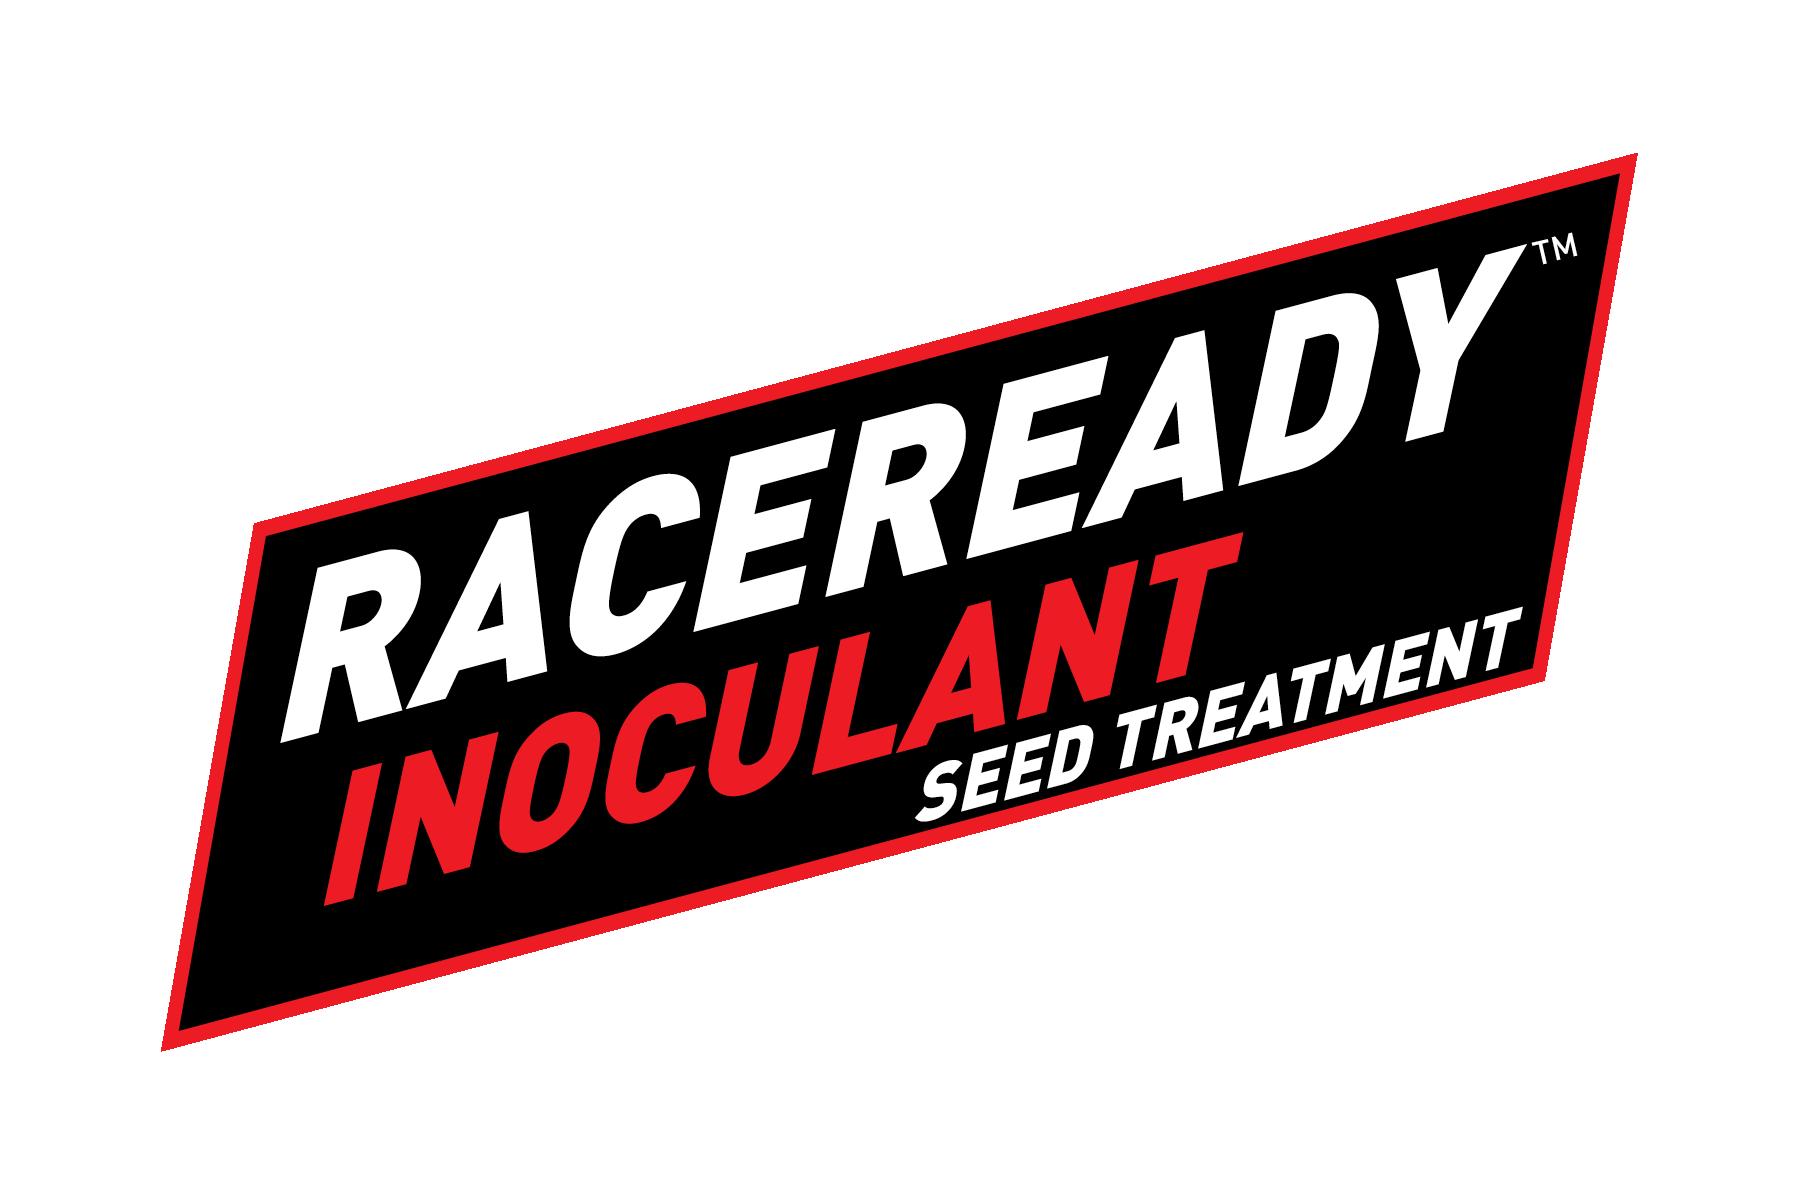 RACEREADY™ INOCULANT